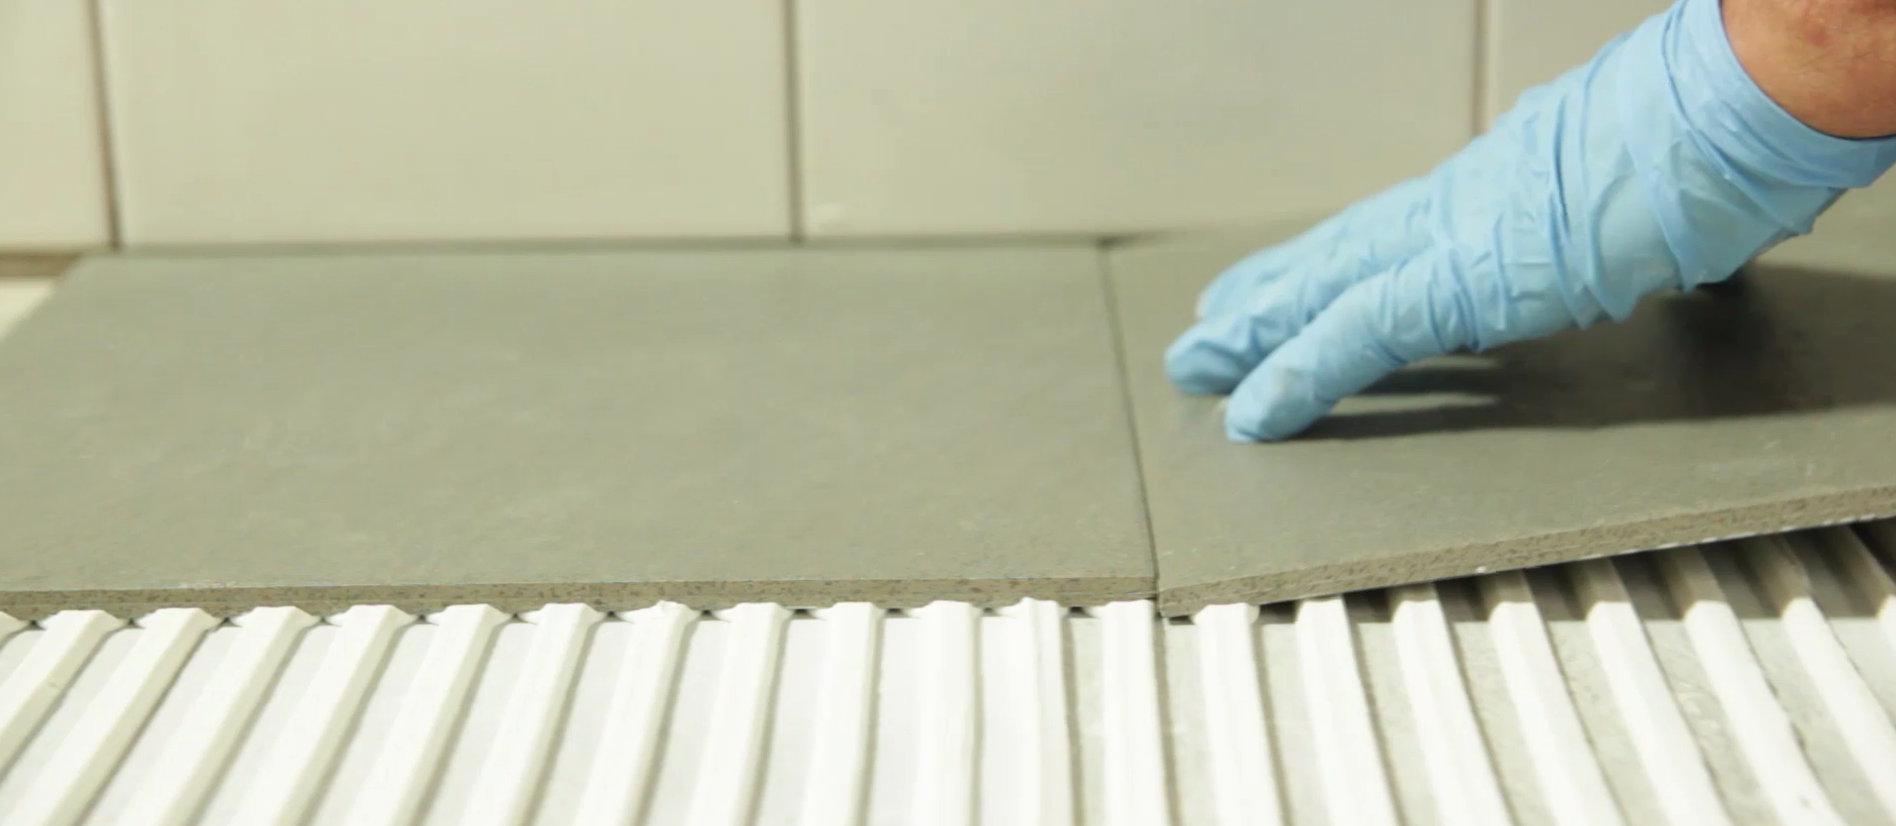 floor tile bedding mortar floor tile